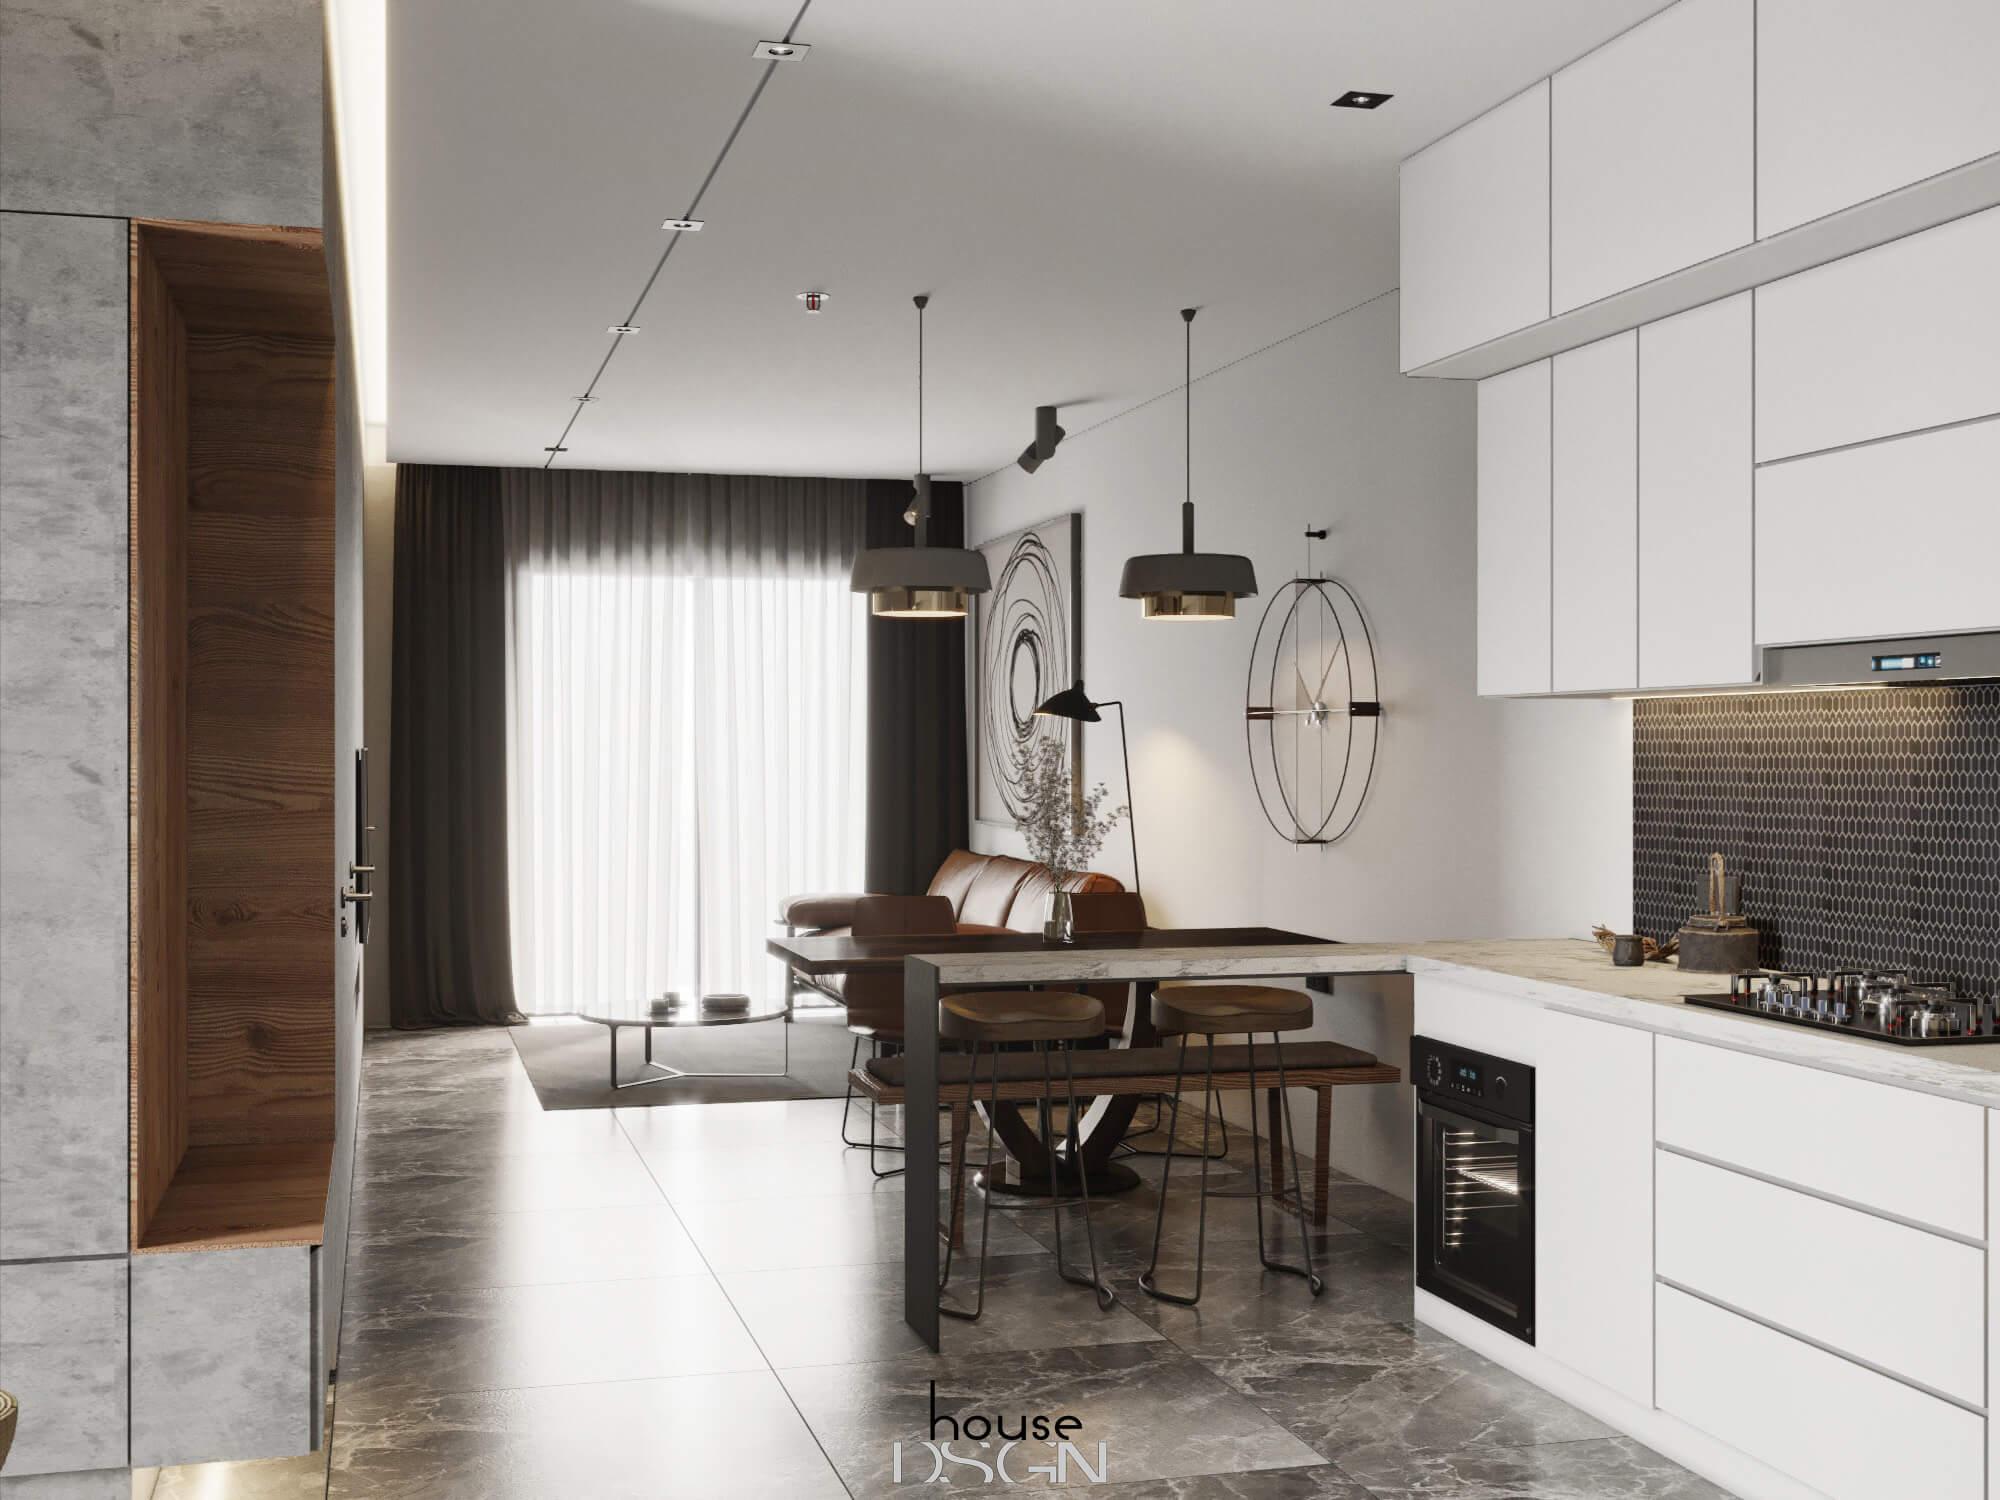 mẫu thiết kế nội thất căn hộ 52m2 ấn tượng